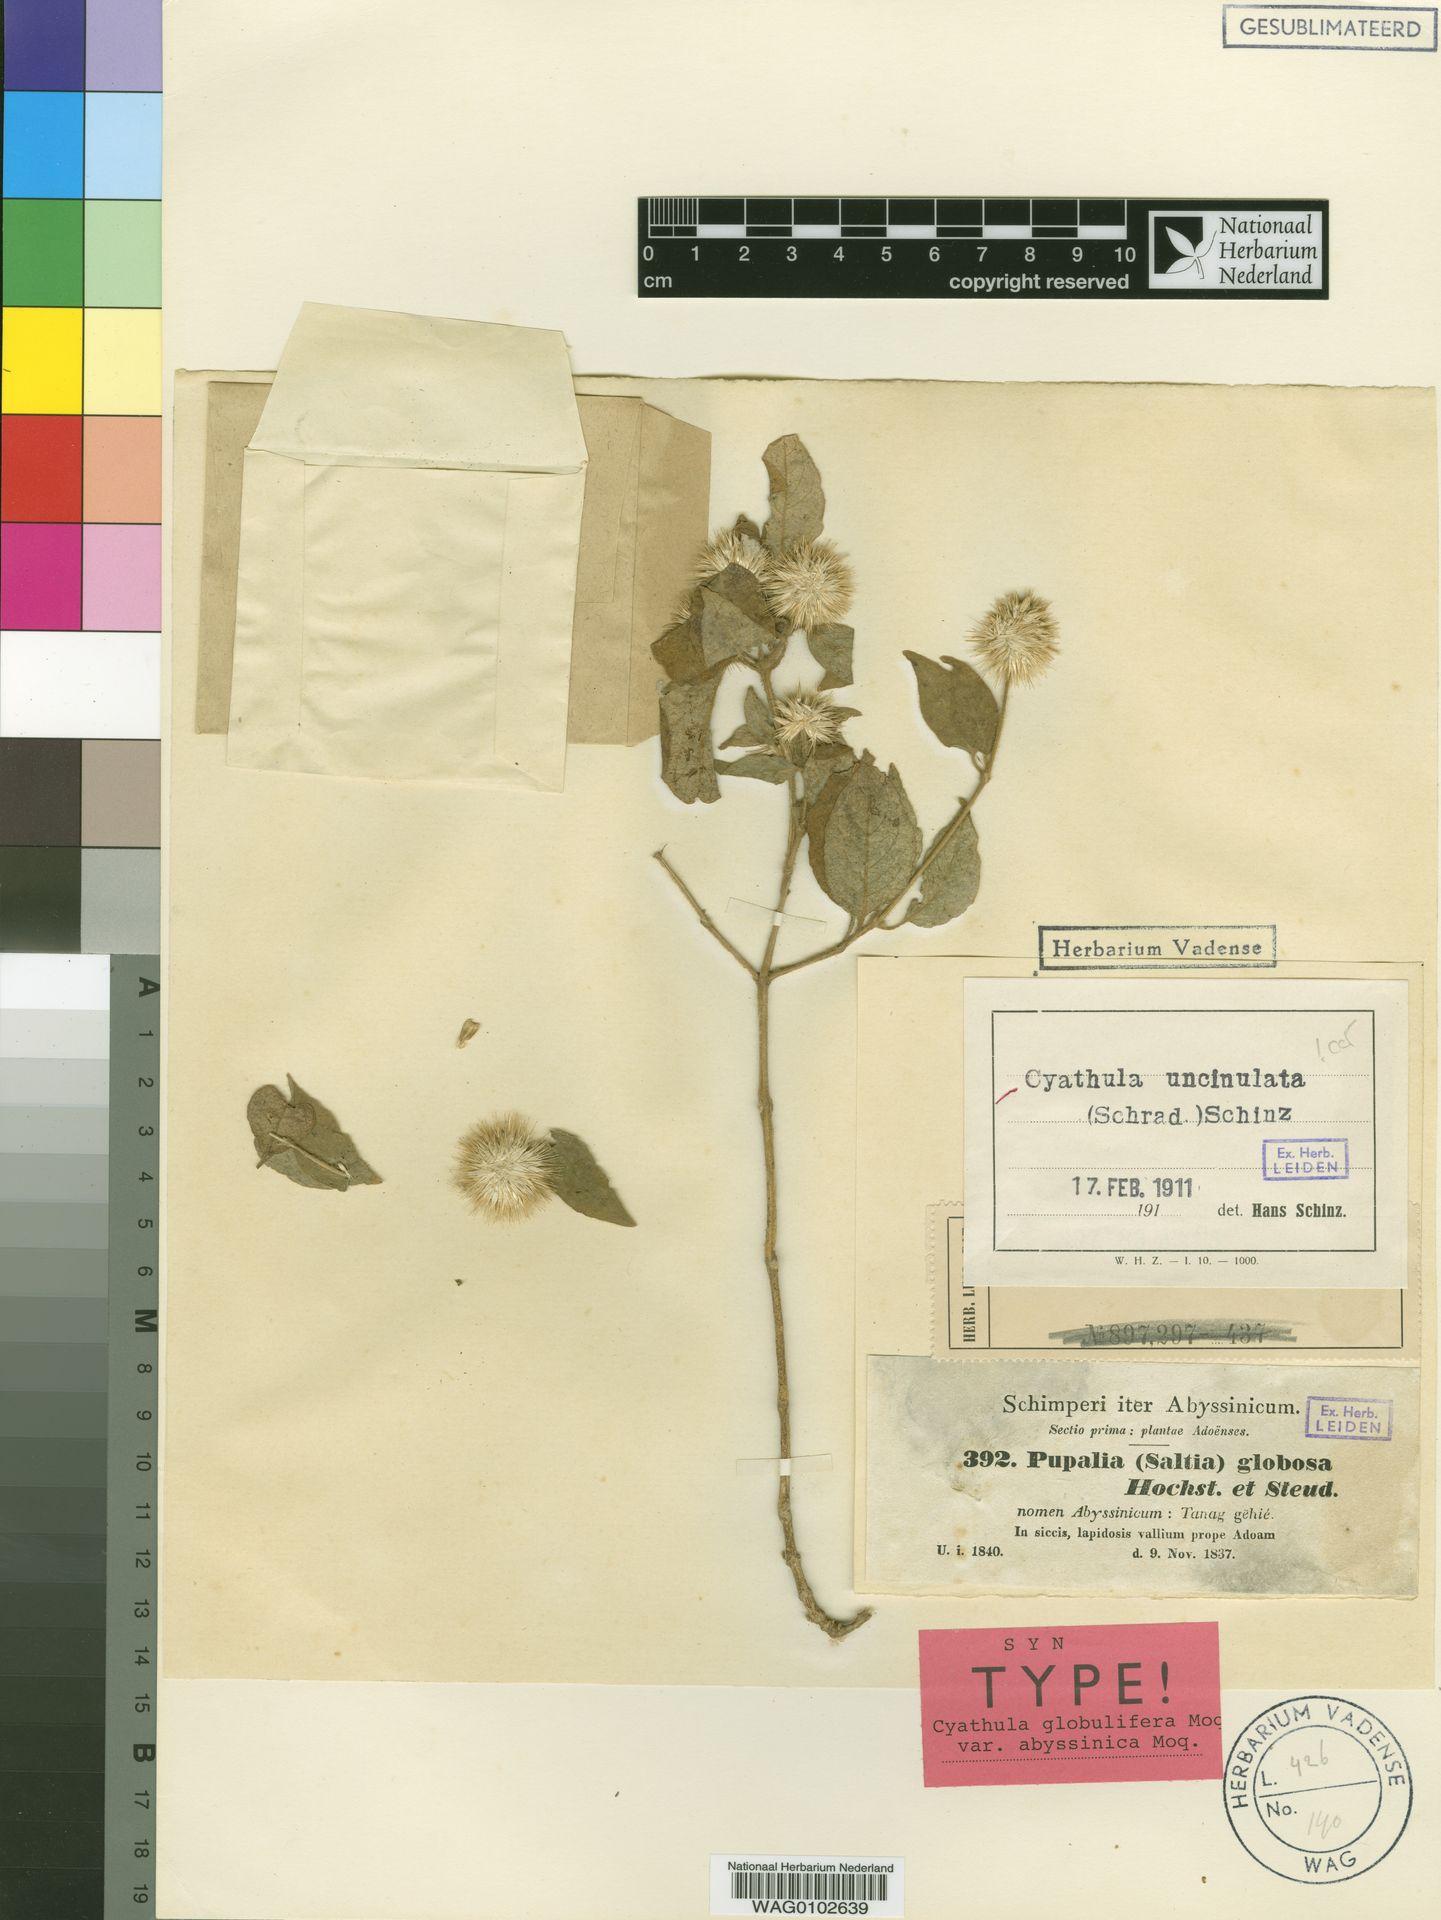 WAG0102639 | Cyathula uncinulata (Schrad.) Schinz